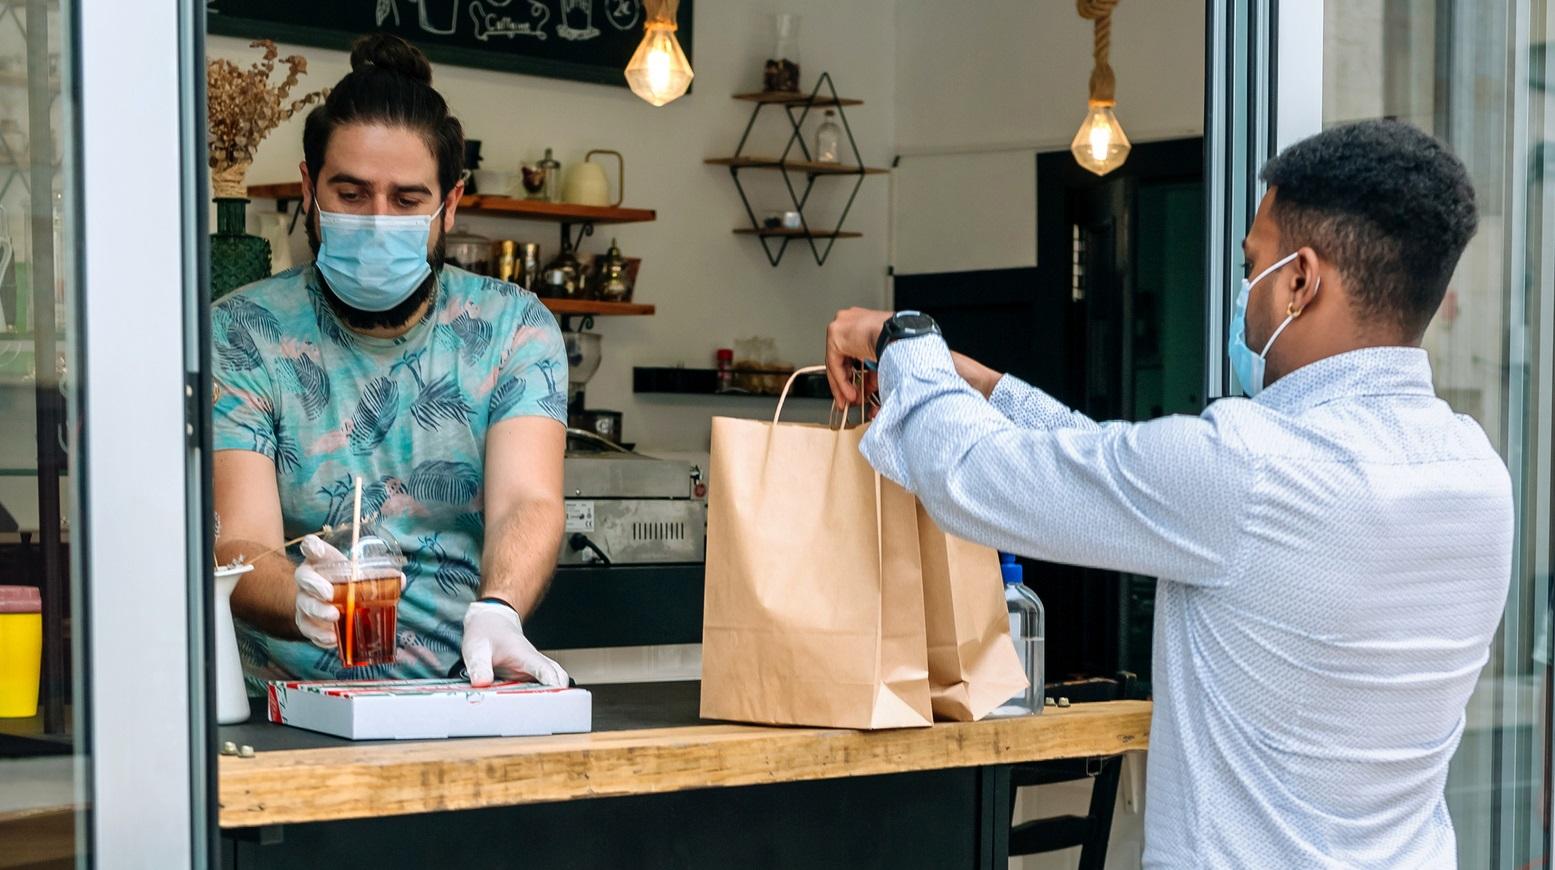 Wiedereröffnung der Restaurants nach Corona. Eine Studie